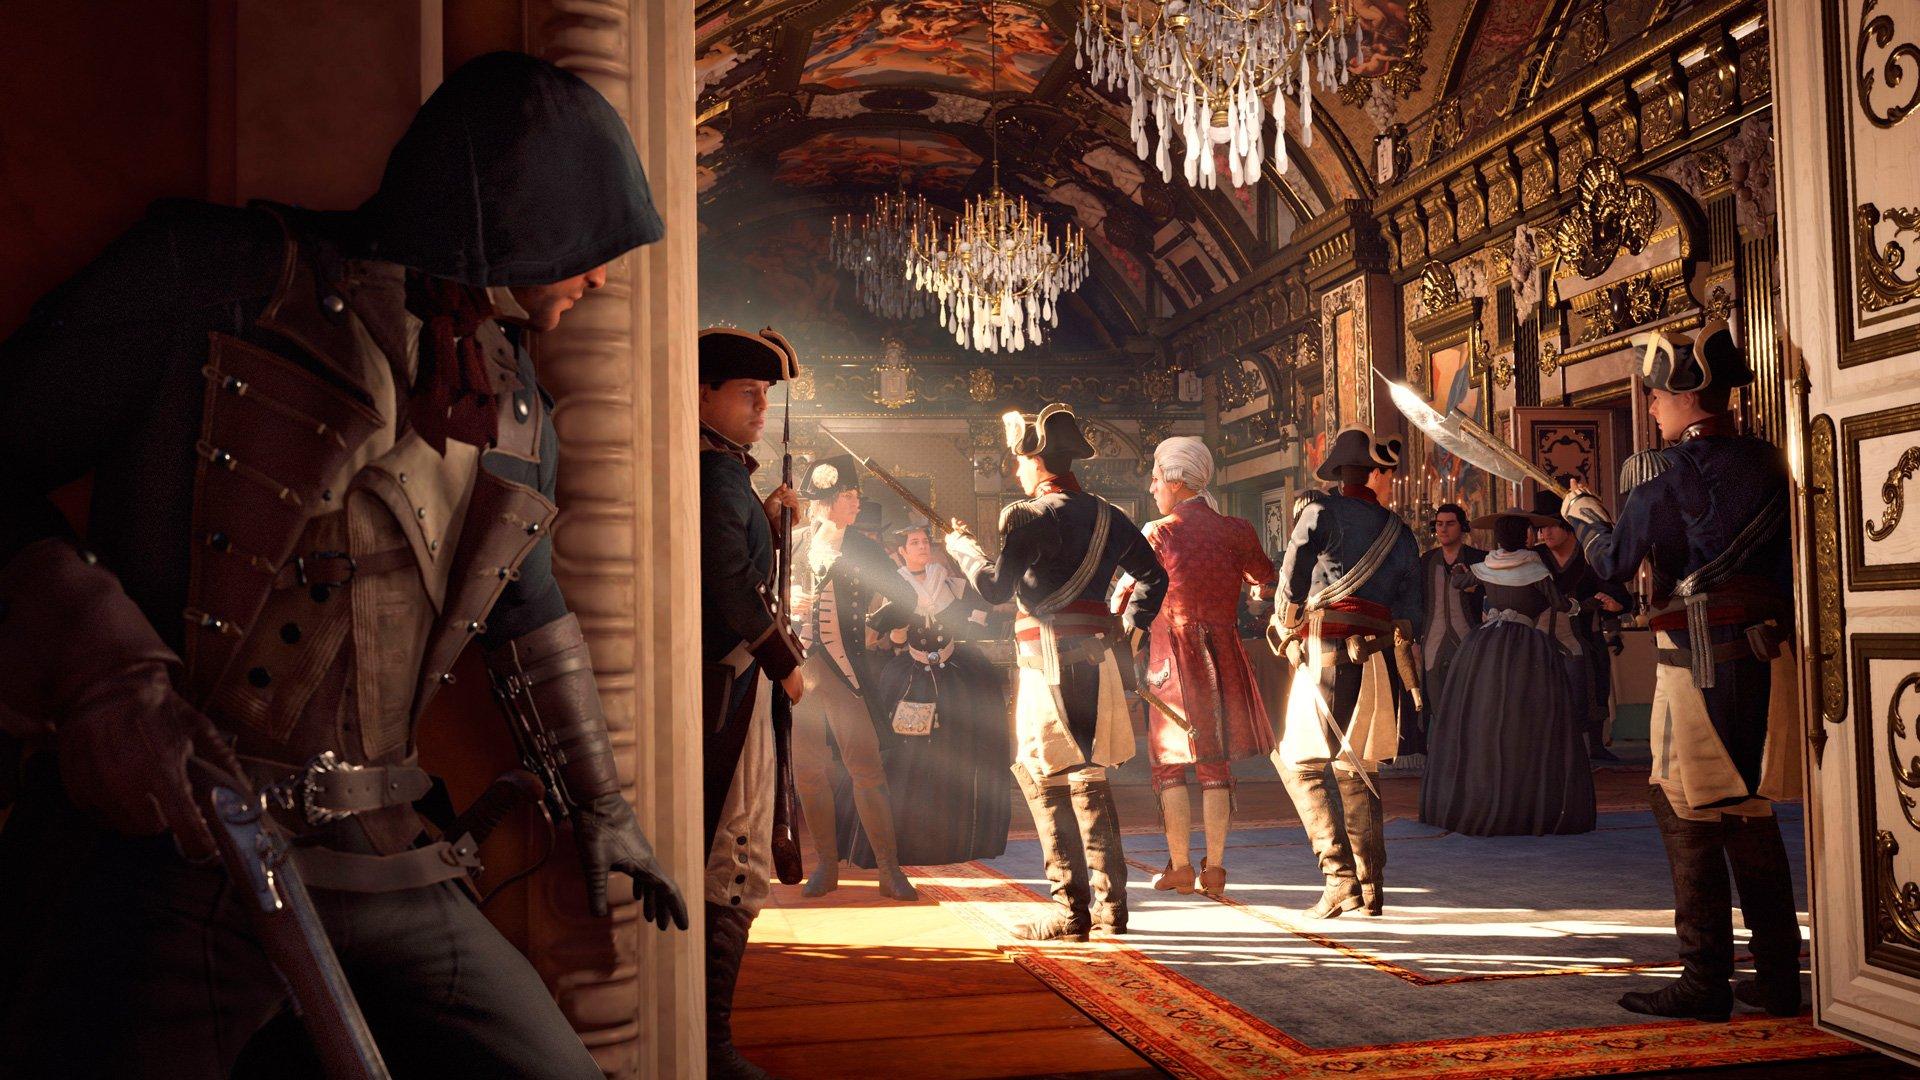 Скриншоты Assassin's Creed: Unity в 4K. - Изображение 3